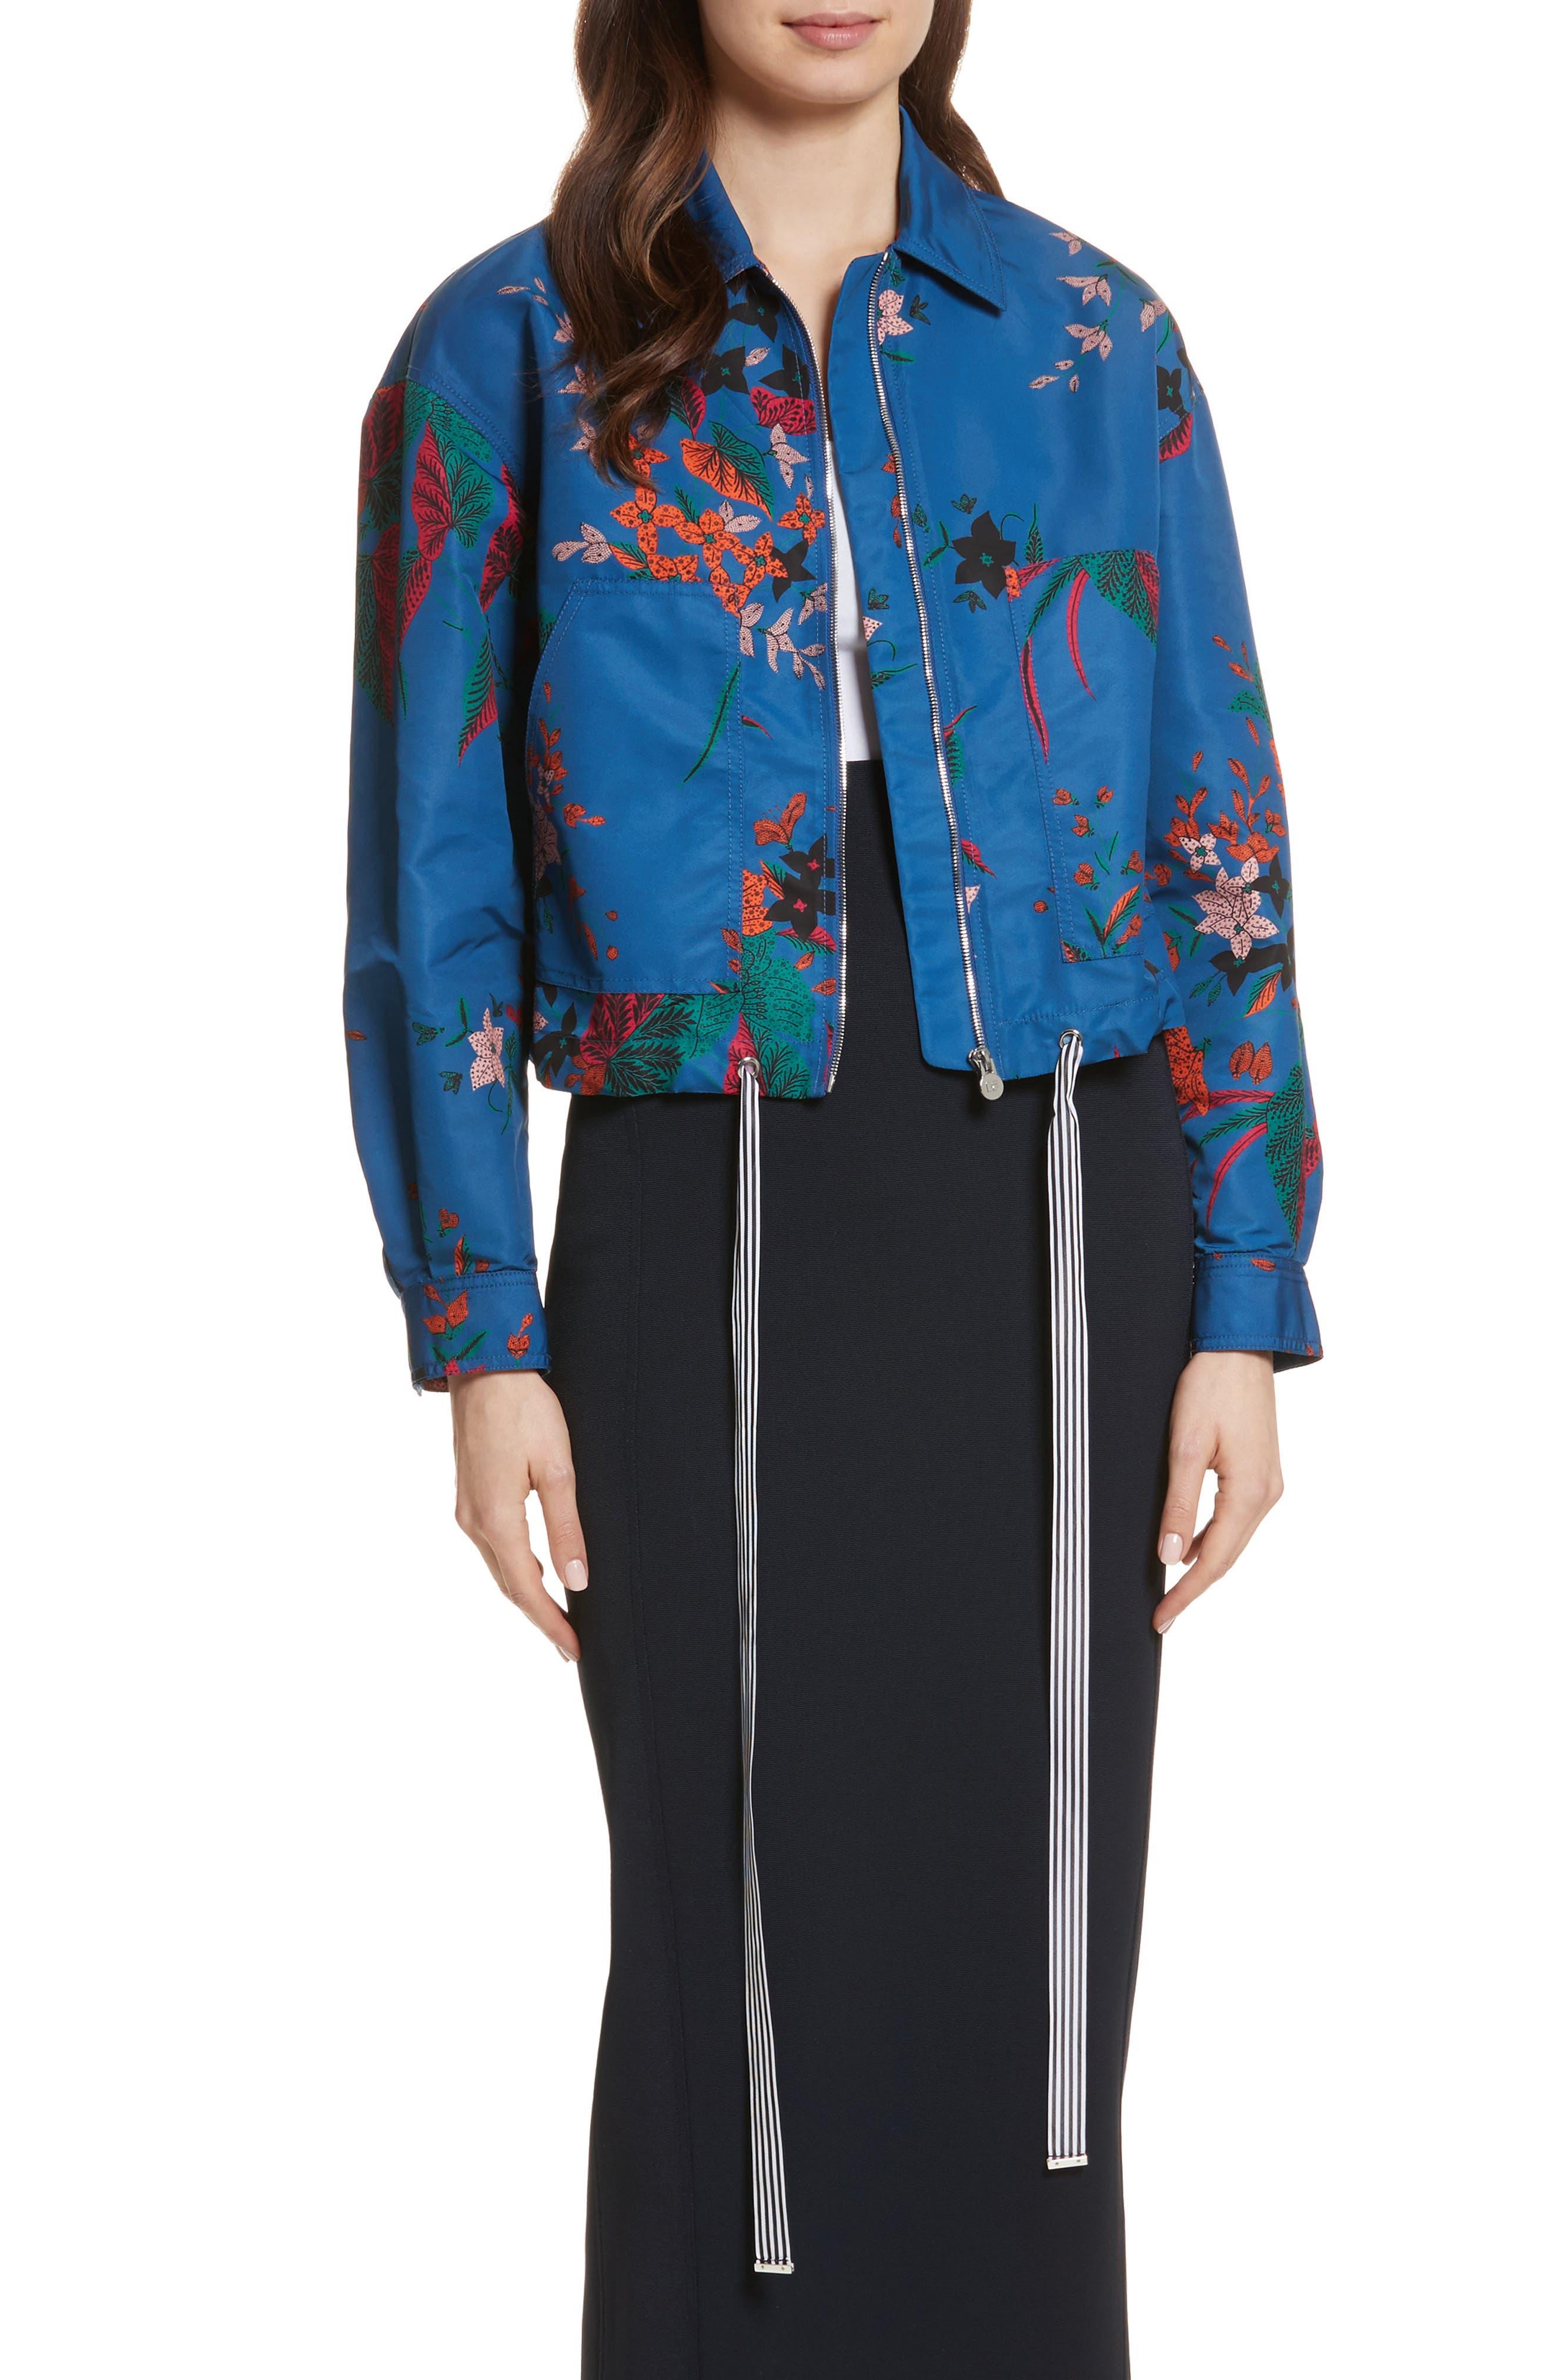 Diane von Furstenberg Floral Bomber Jacket